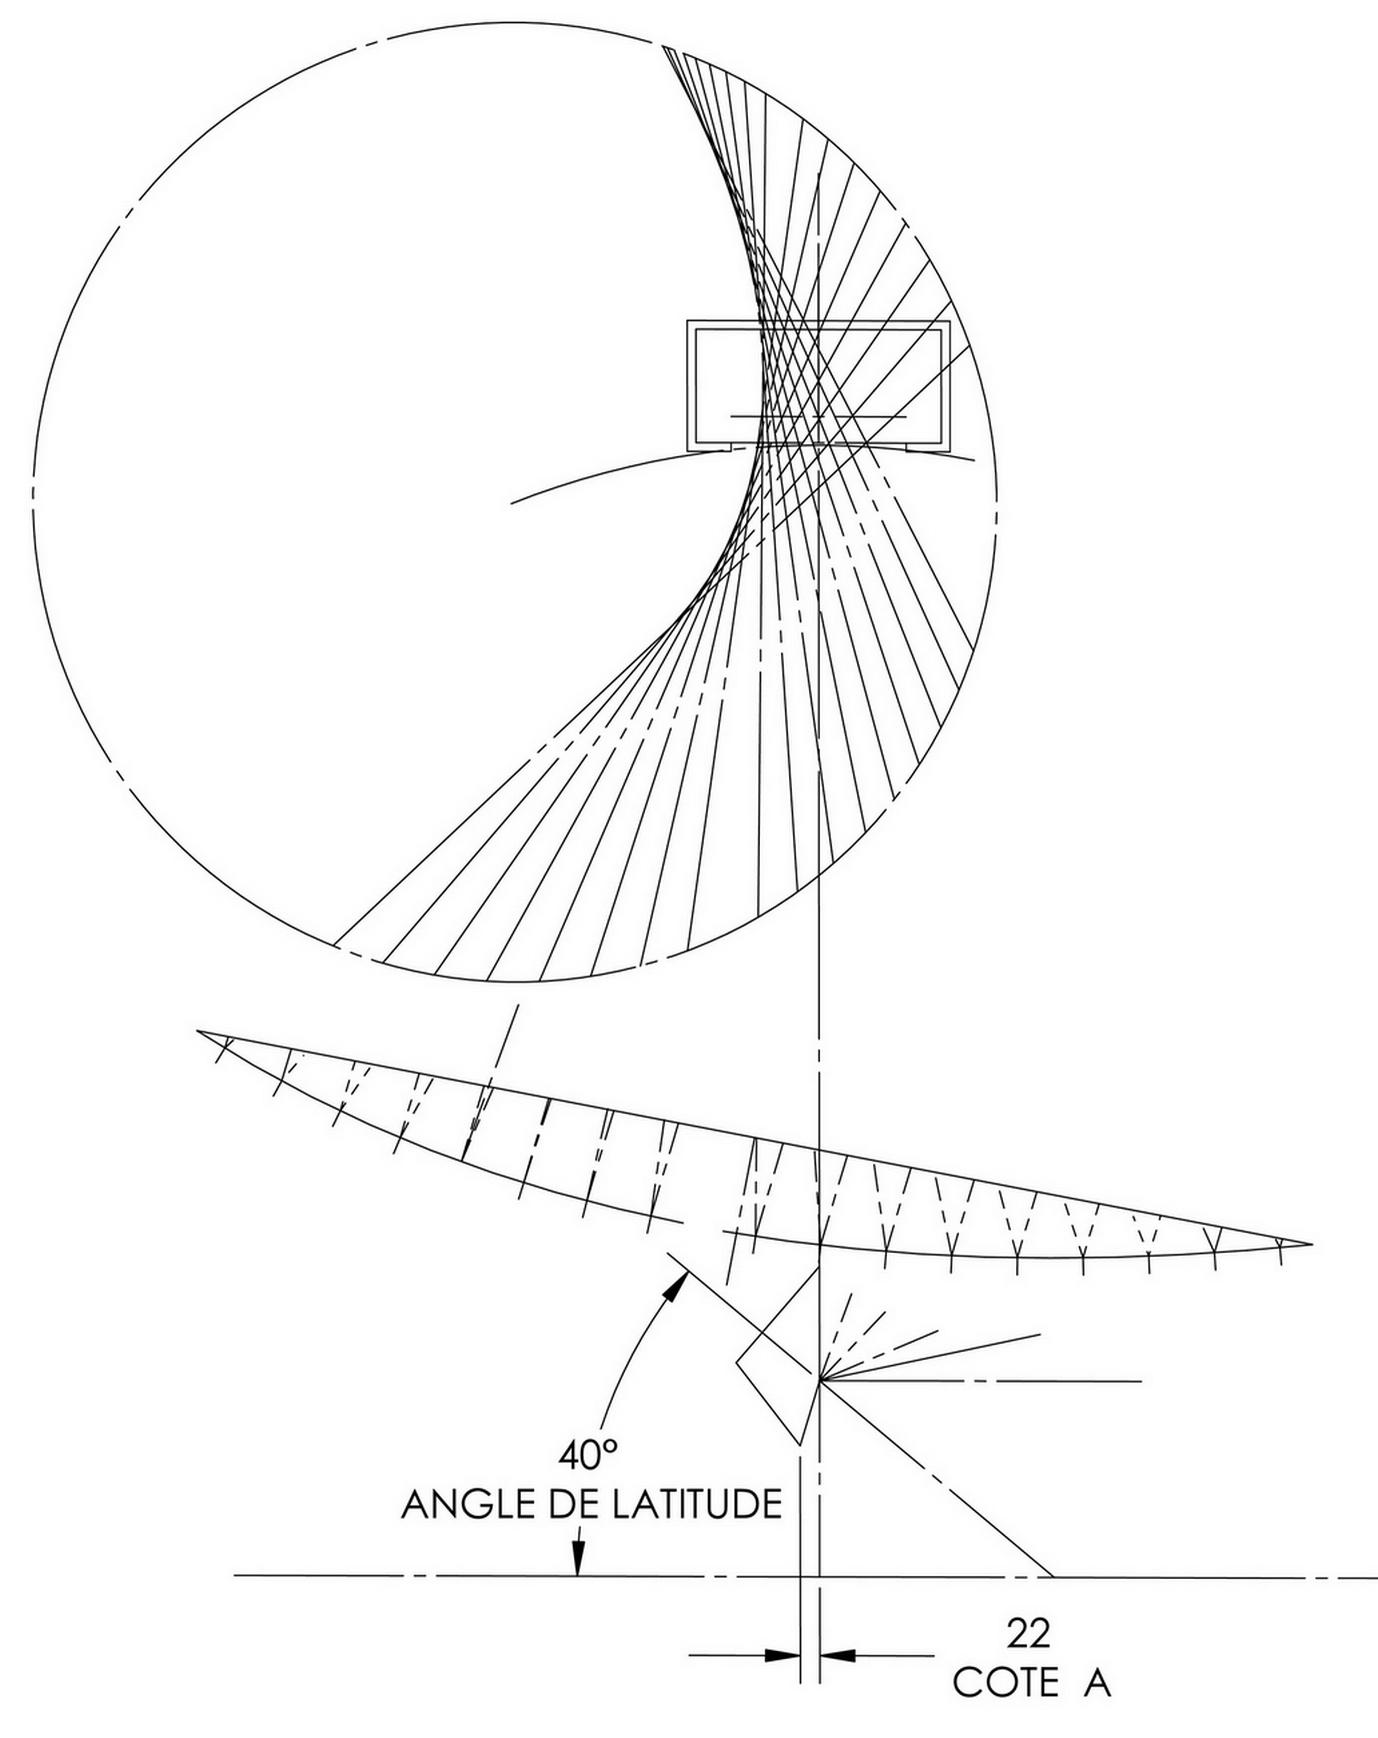 mécanisme triangle: latitude 0°, couchant, solstice été